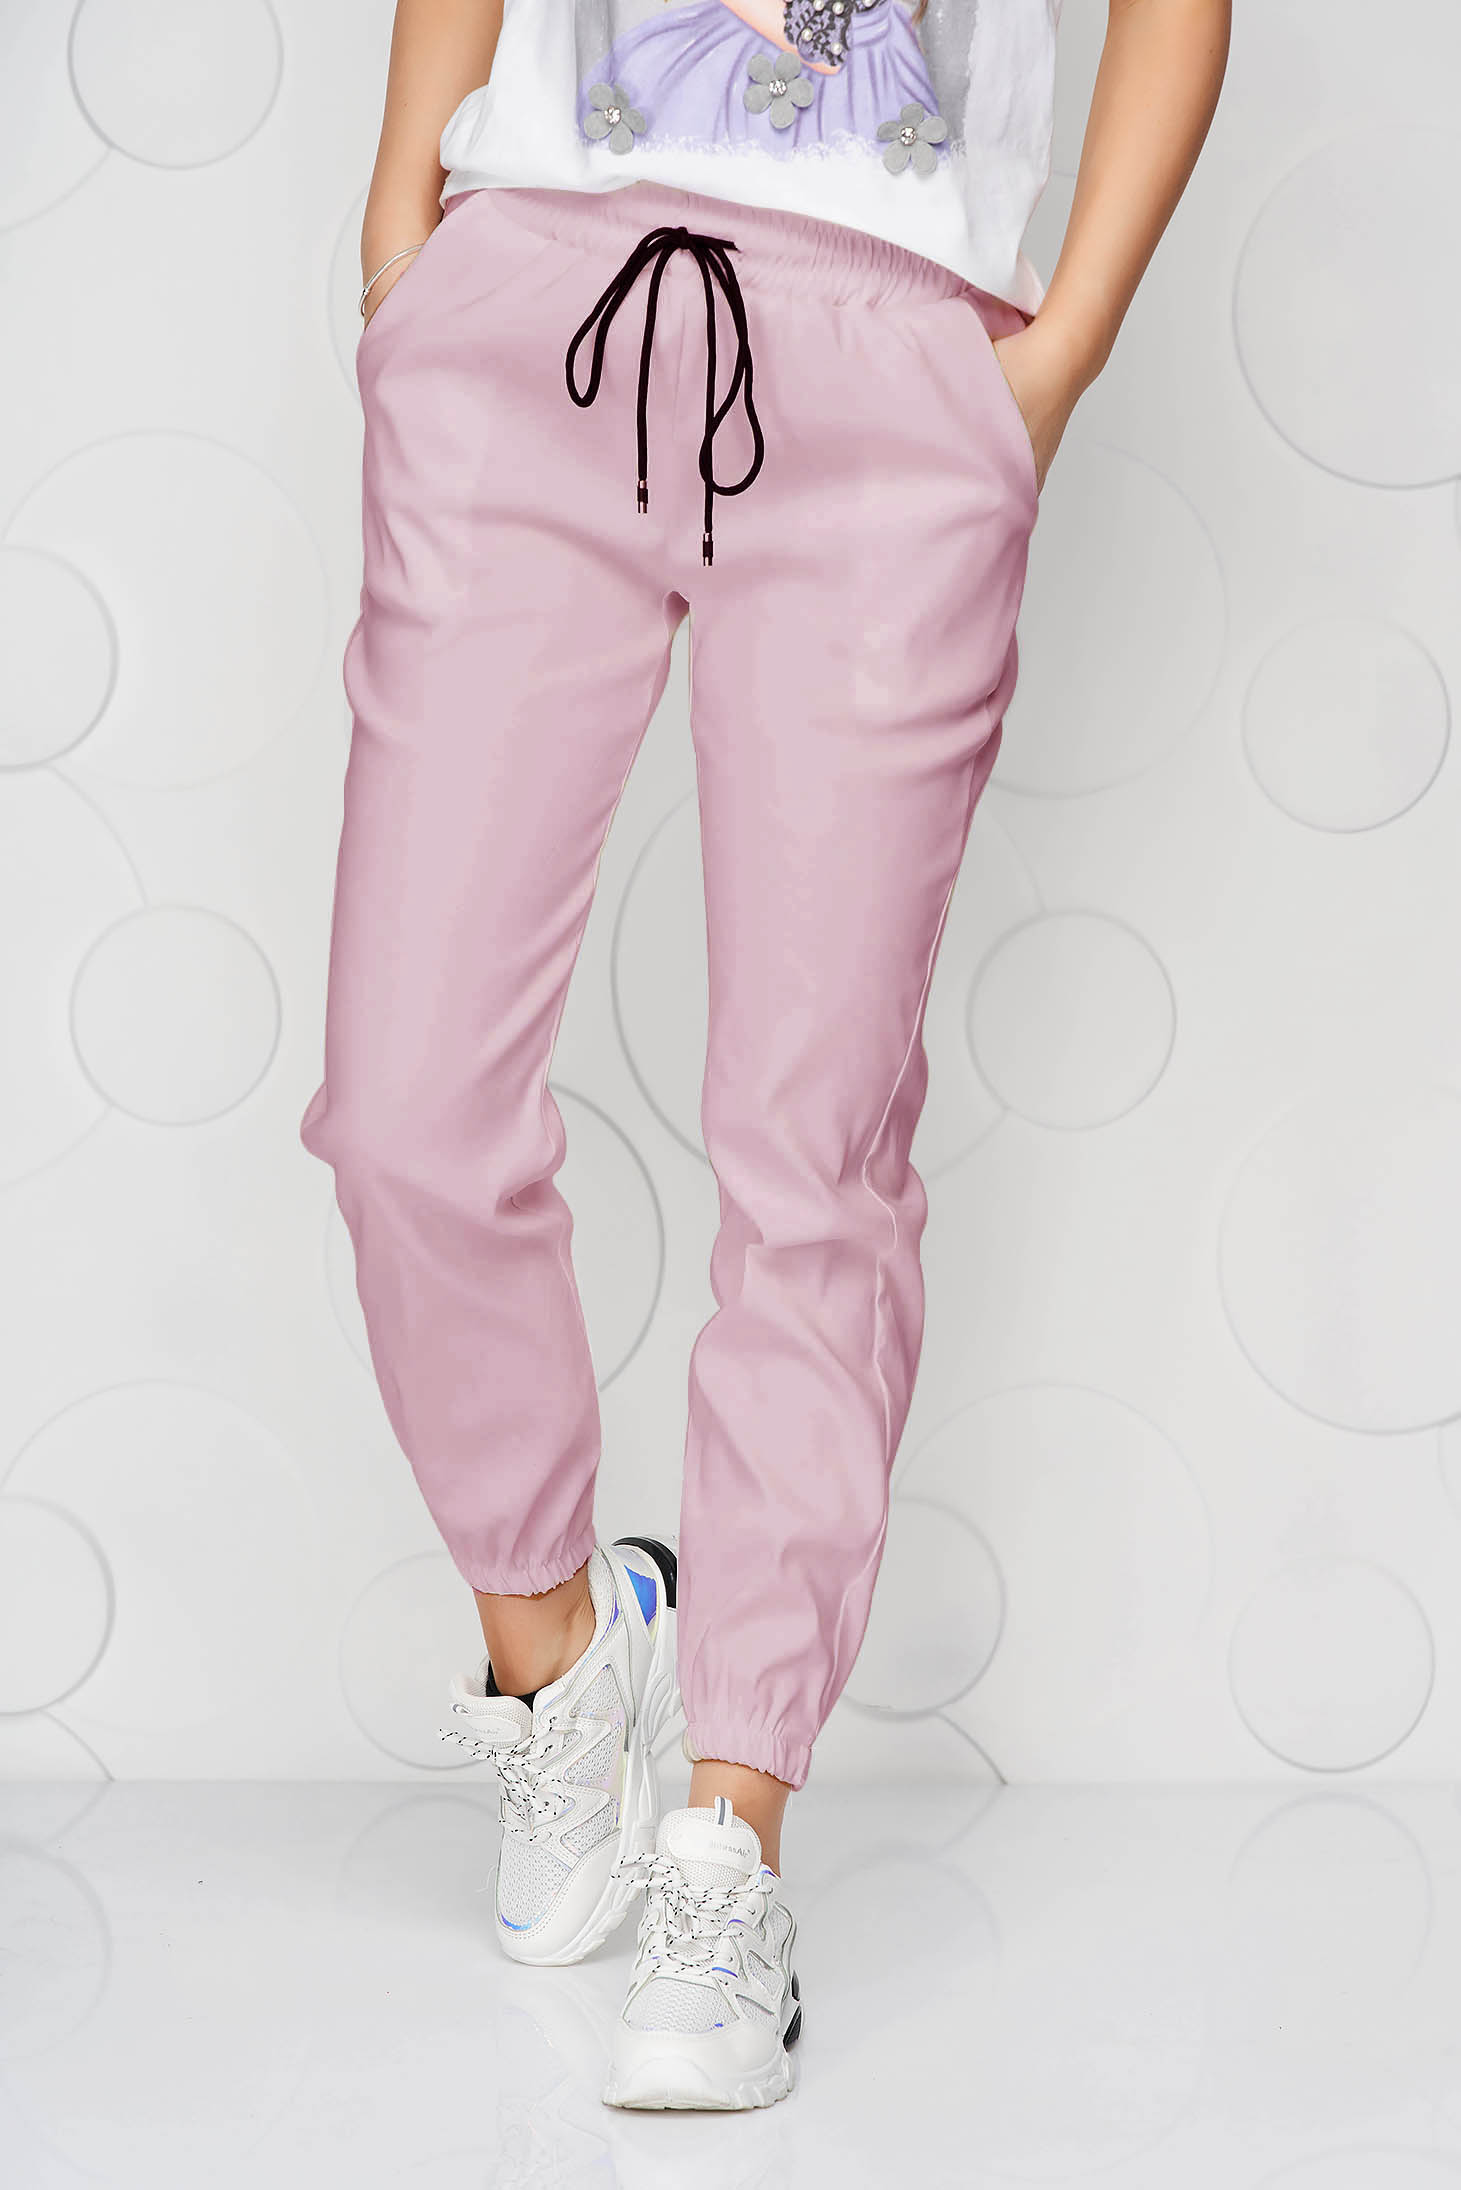 Pantaloni SunShine roz deschis din material subtire cu buzunare si talie medie